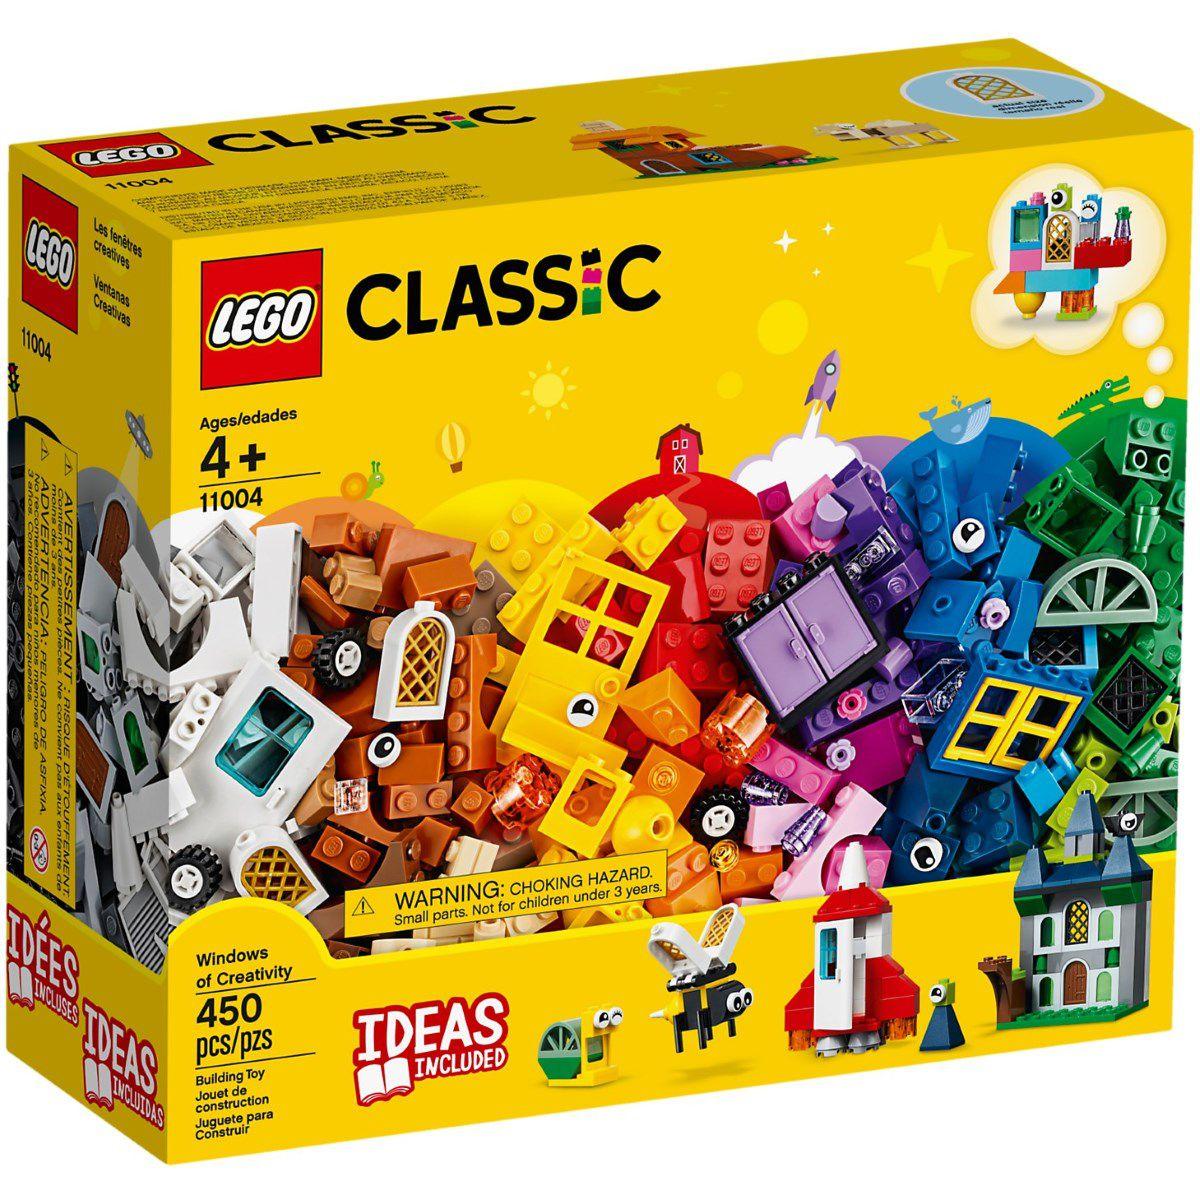 LEGO Classic 450 Peças  Janelas da Criatividade 11004 FULL